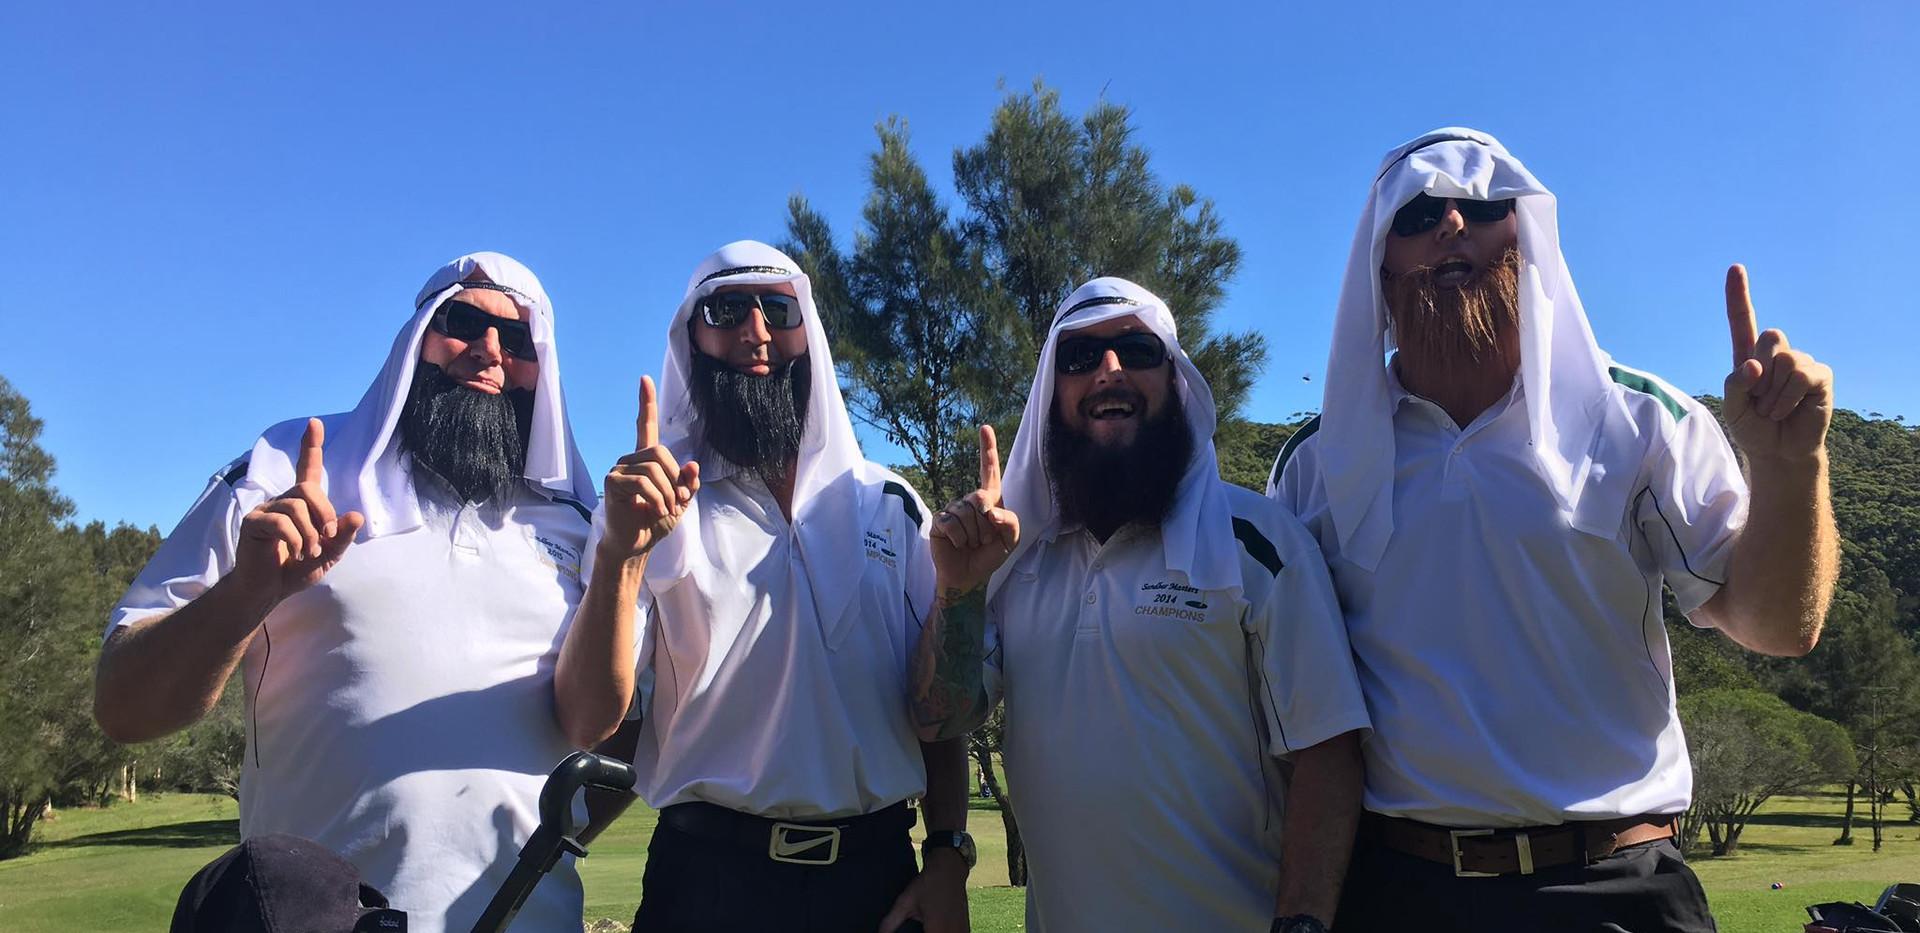 The sheiks 2017